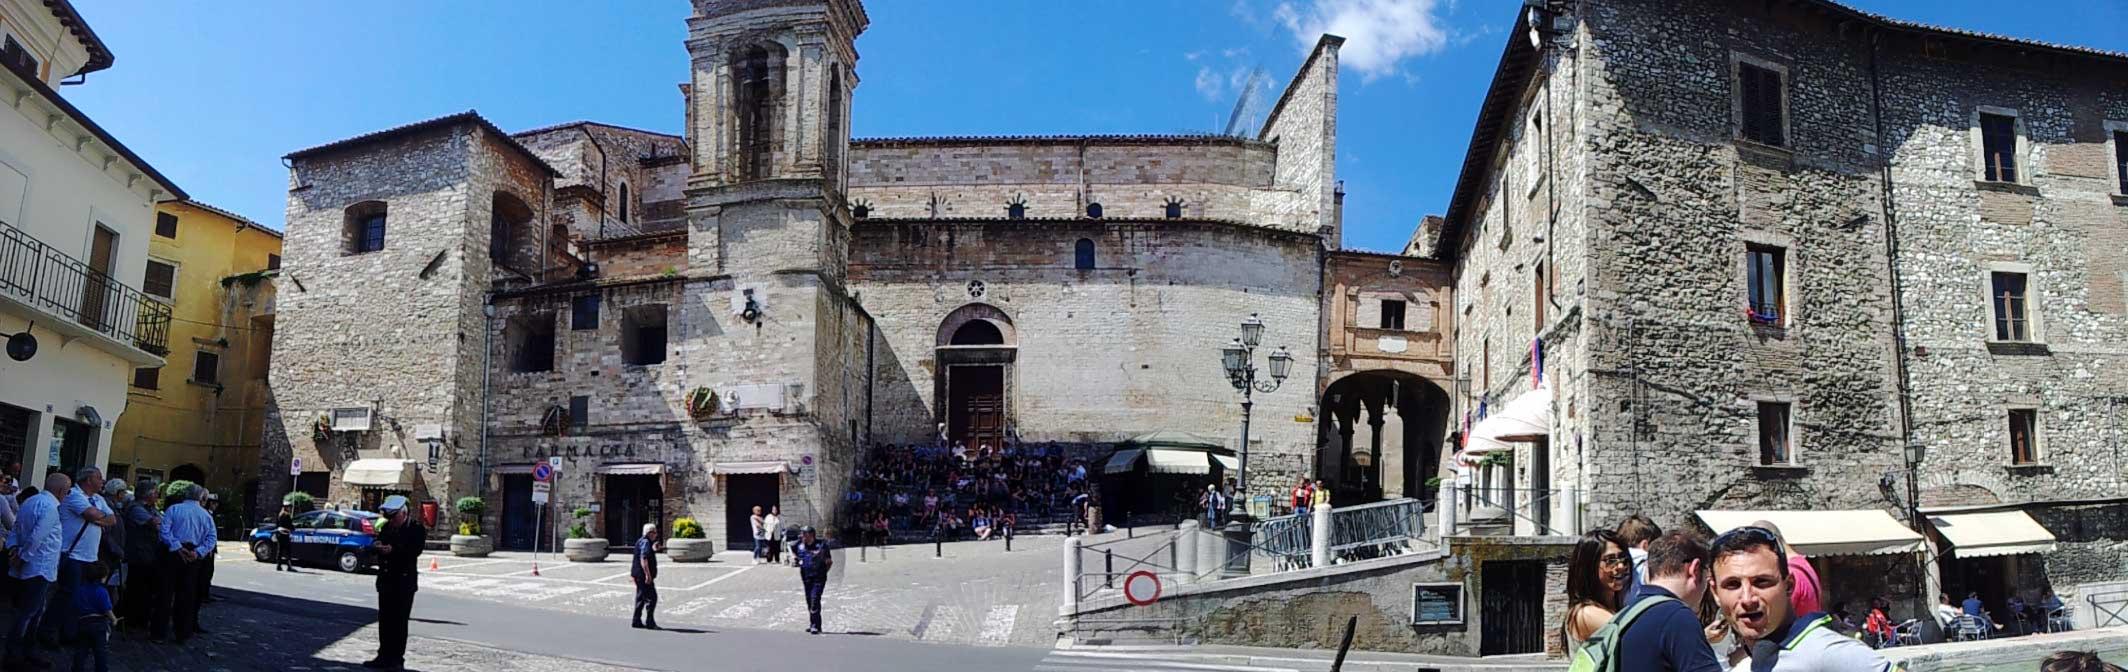 Narni, piazza Garibaldi